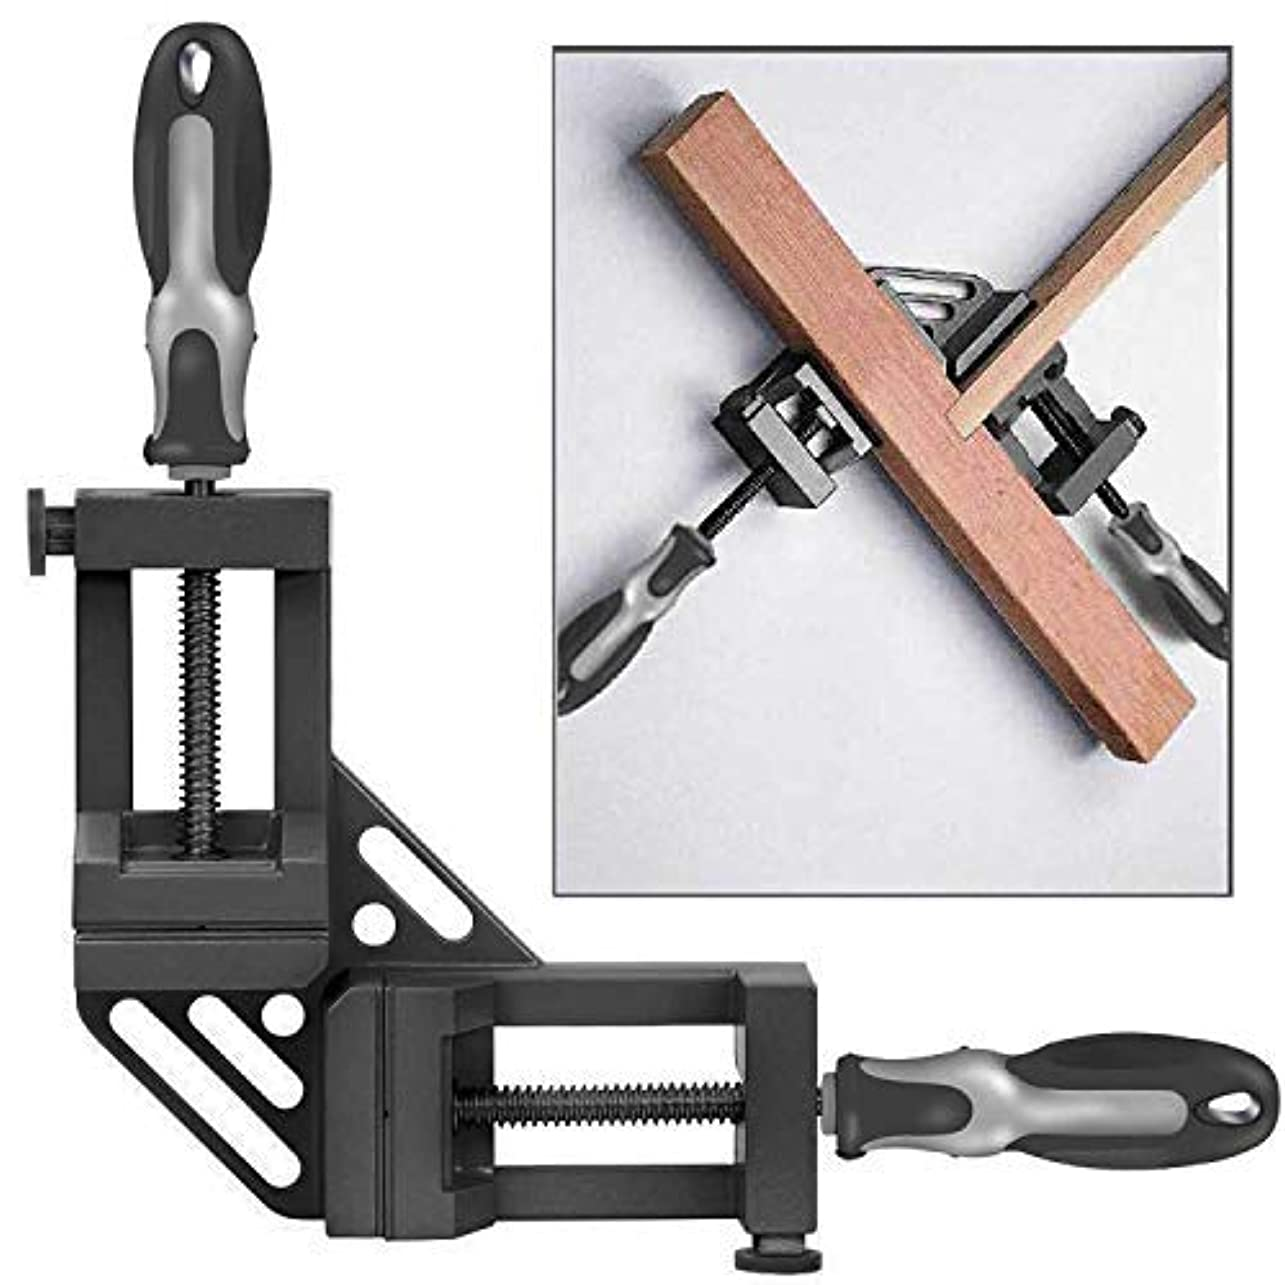 写真を撮るグローバル会員WISION Double Handle 90° Right Angle Clamp/Corner Clamp with Aluminum Alloy Body, Upgrade Steel Nut for Welding, Quick-Jaw Corner Clamp for Wood-working, Photo Framing [並行輸入品]